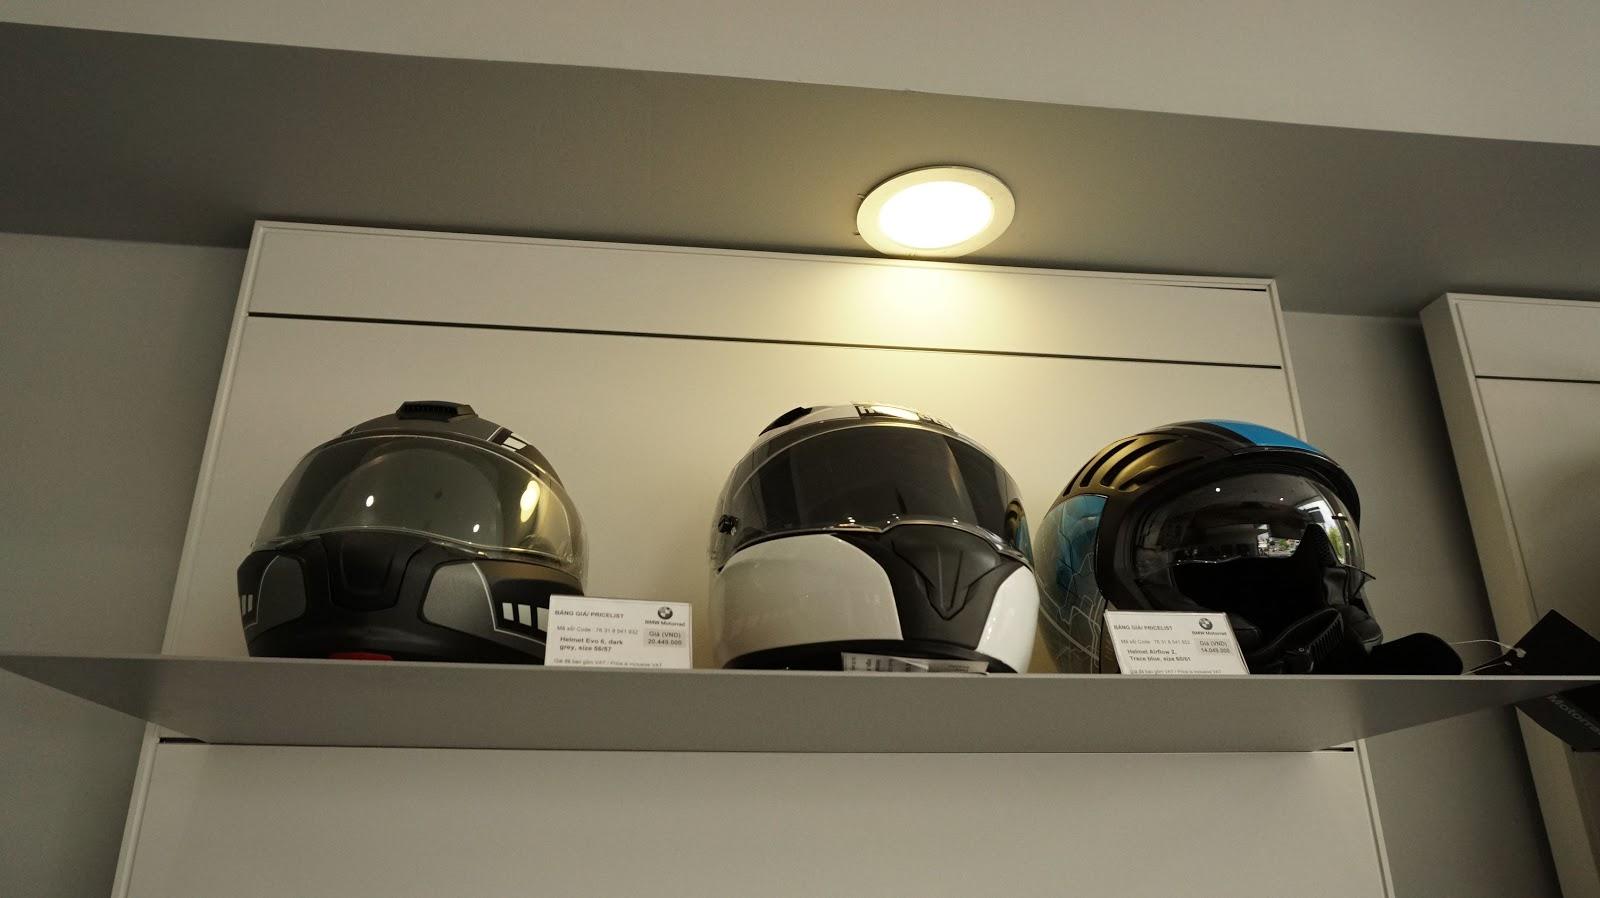 Mũ bảo hiểm là thiết bị bảo hộ quan trọng nhất, nên chất lượng nó luôn phải cao nhất